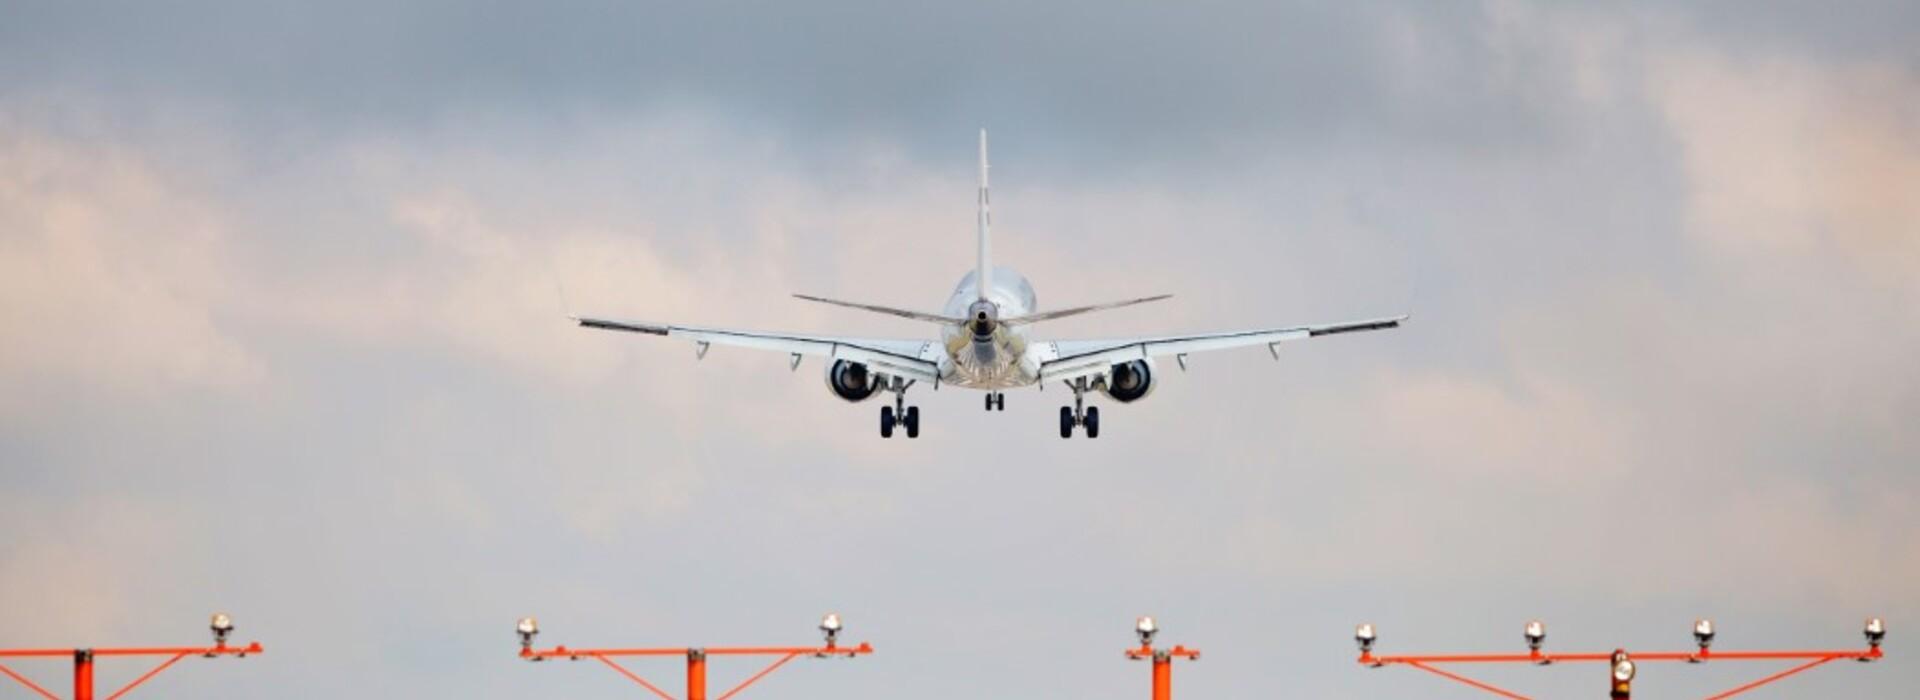 SMS - Sistema de Gestión de Riesgos en Aviación